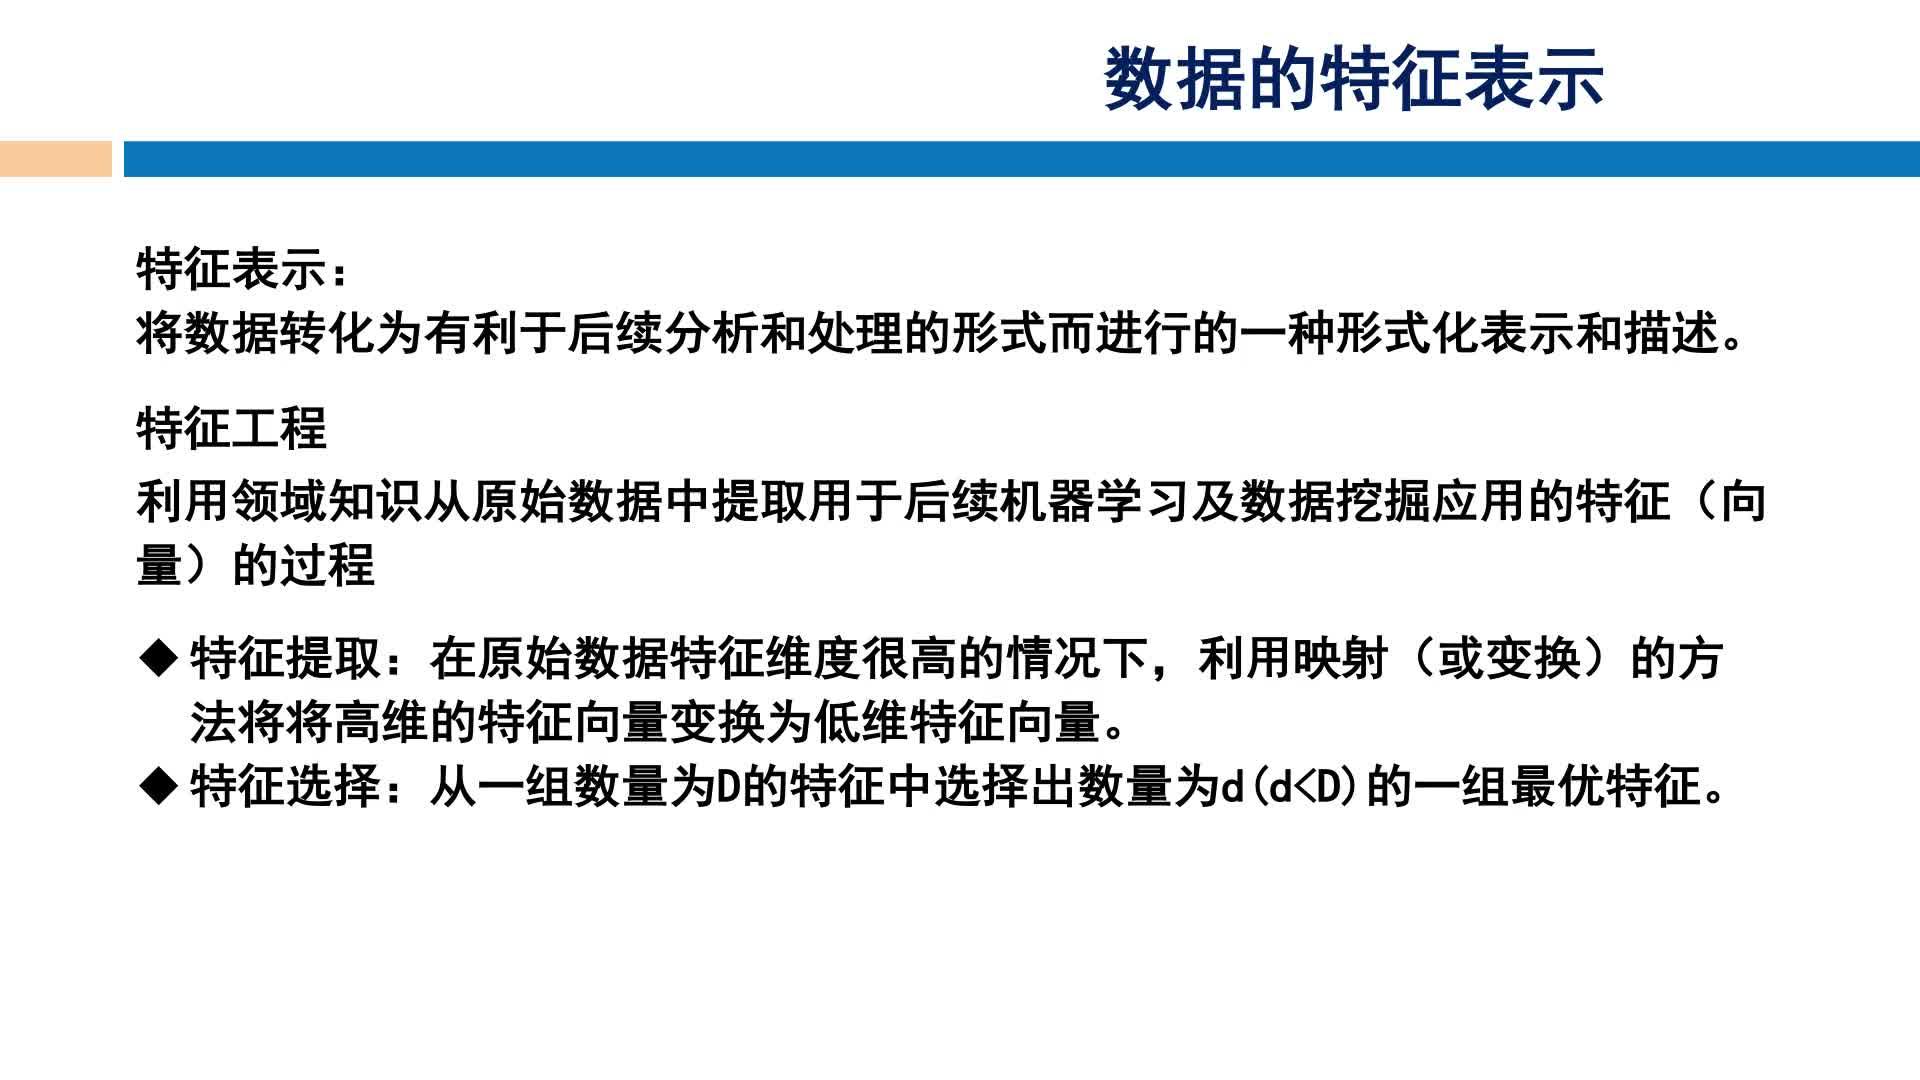 北京理工大学慕课——袁汉宁:大数据分析(二)